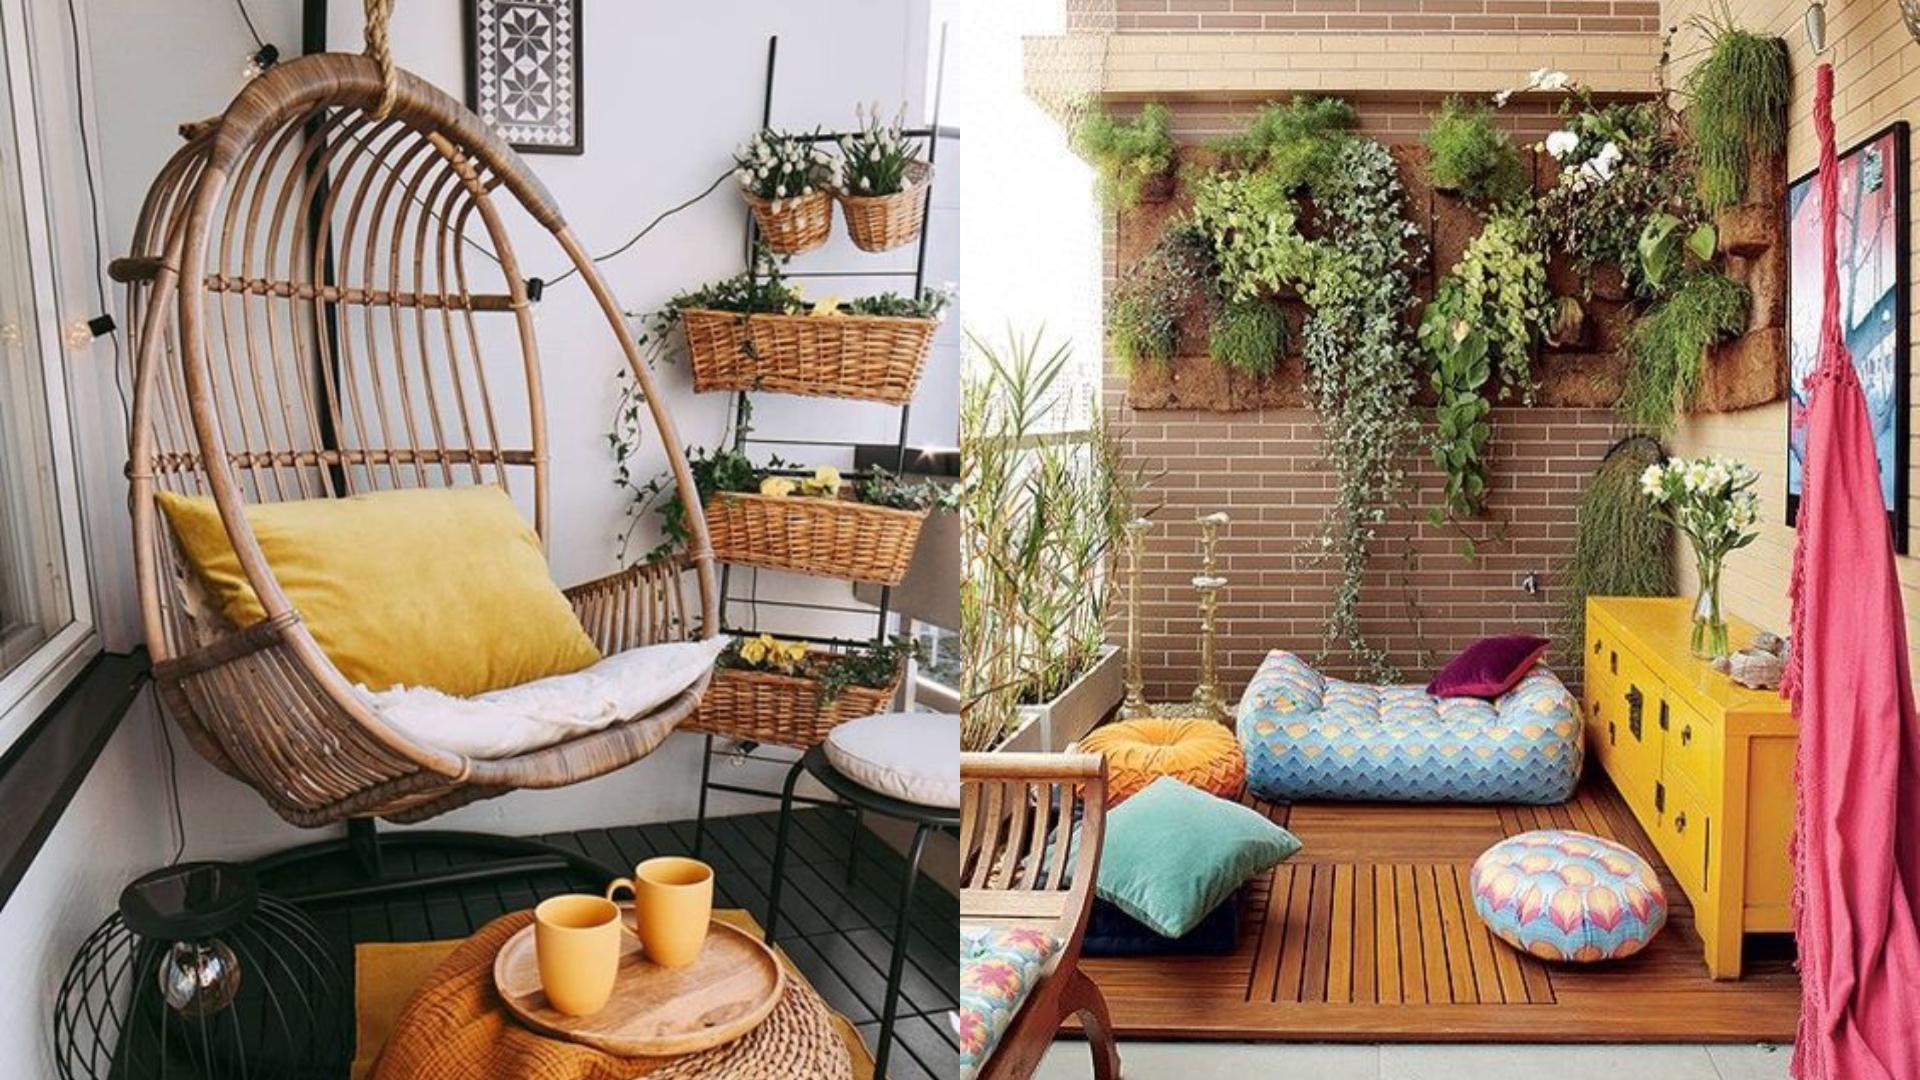 打造夢幻陽台:提前掌握 4 個佈置訣竅,你也能擁有放鬆小憩的陽台角落